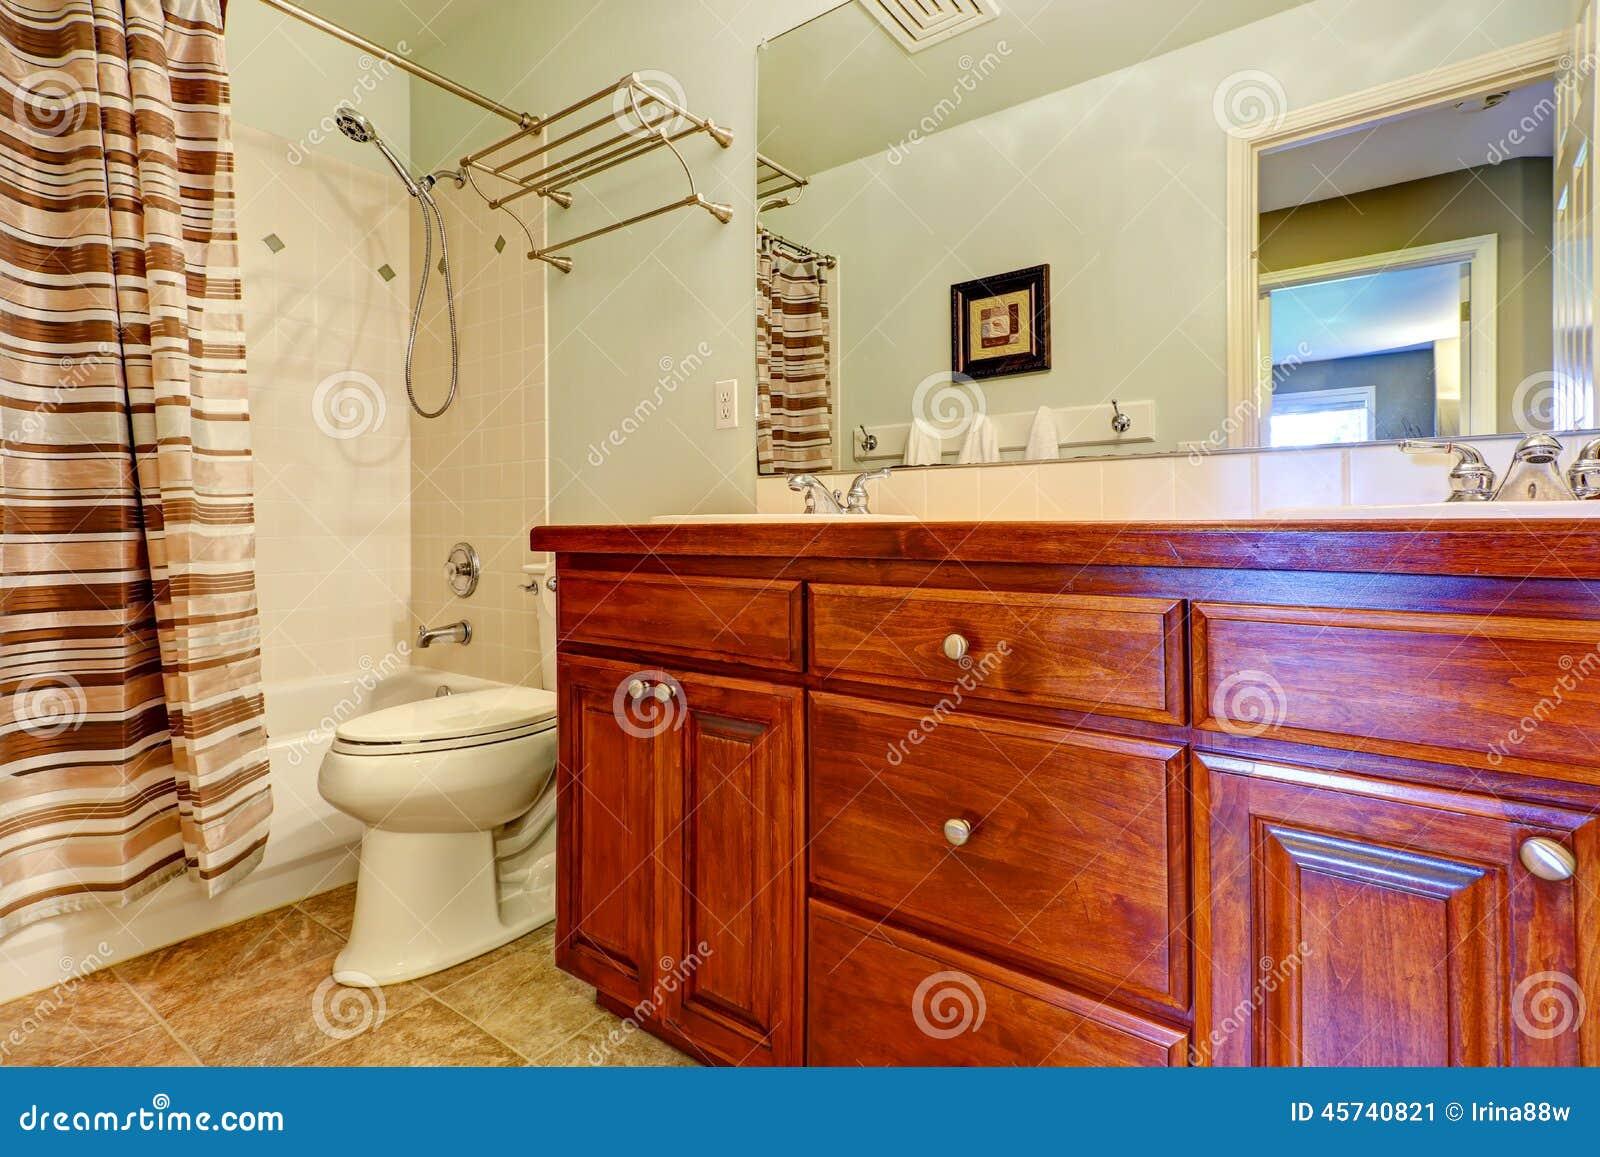 Gabinetto di vanit del bagno con i cassetti e due lavandini fotografia stock immagine 45740821 - Due lavandini bagno ...